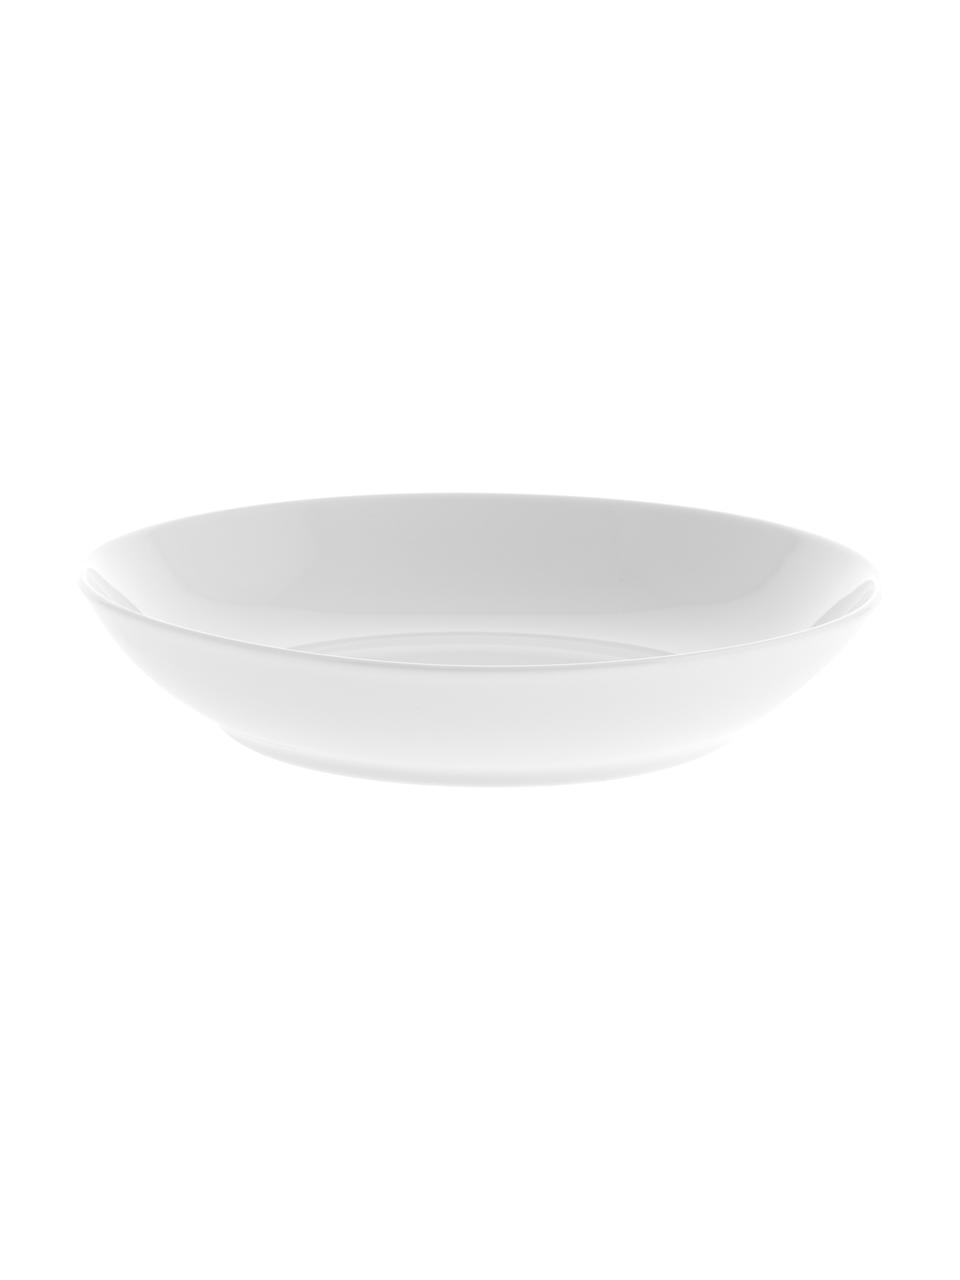 Set van 2 porseleinen soepborden Delight Modern in wit, Porselein, Wit, Ø 21 x H 4 cm